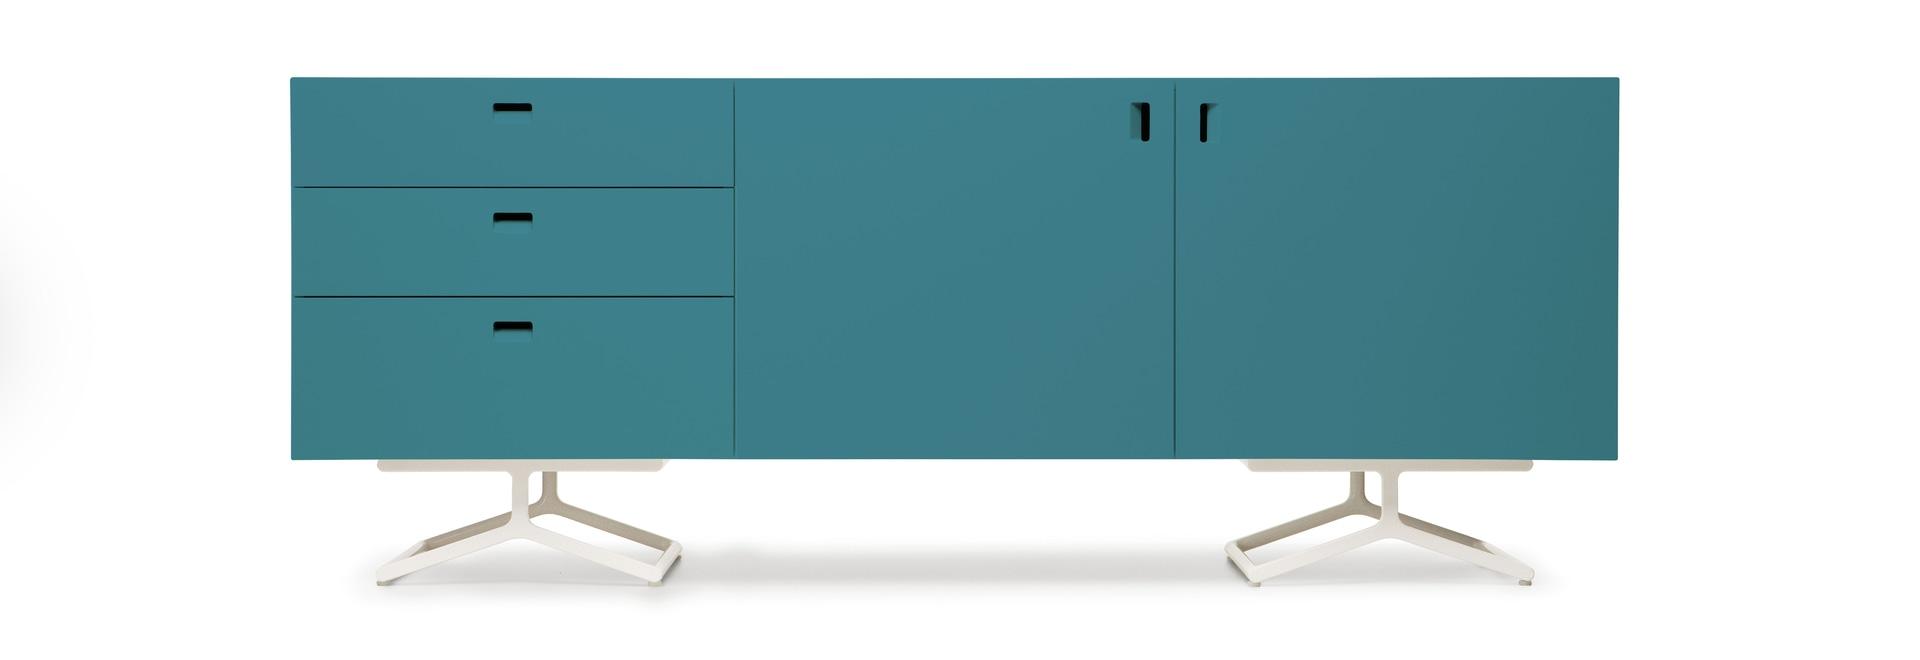 Satelliten-Art L202,5 H78,5 D47 cm - 2 Entwurf Barber Osgerby für Quodes